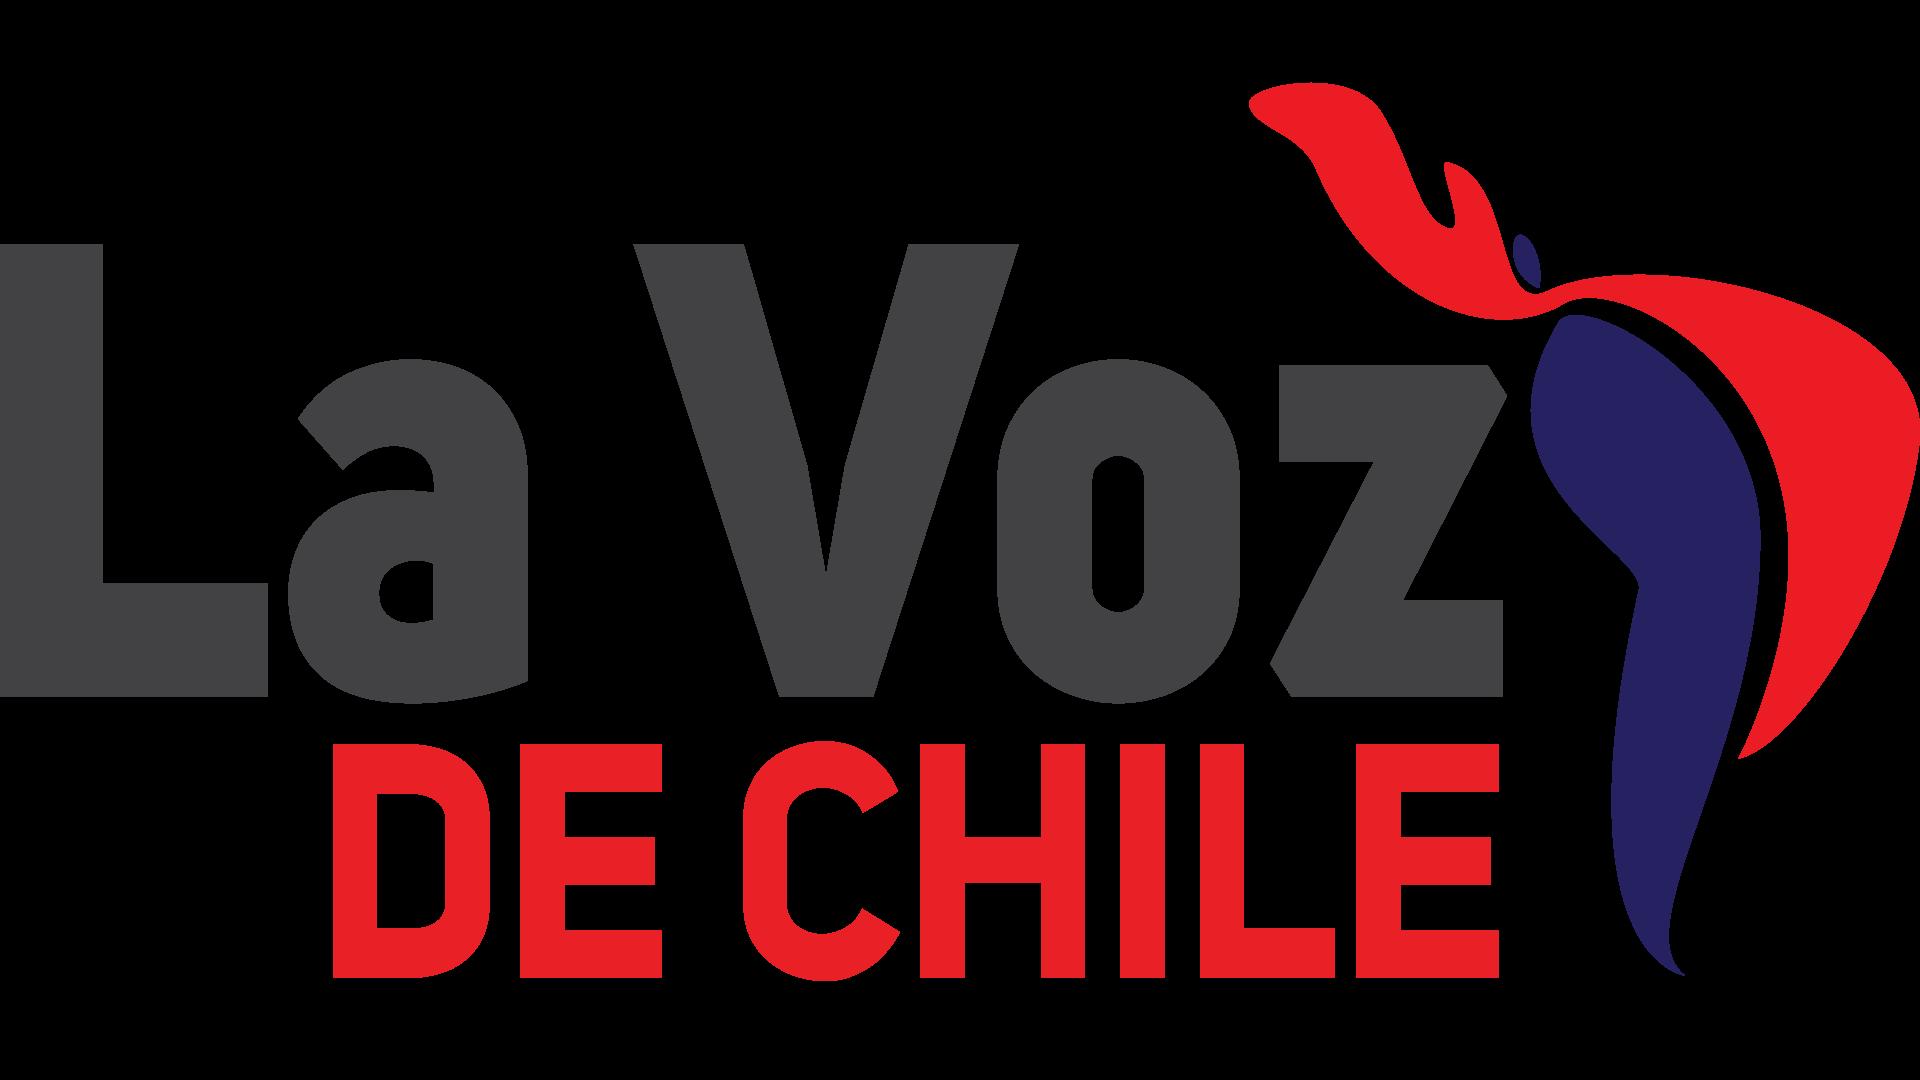 La Voz de Chile